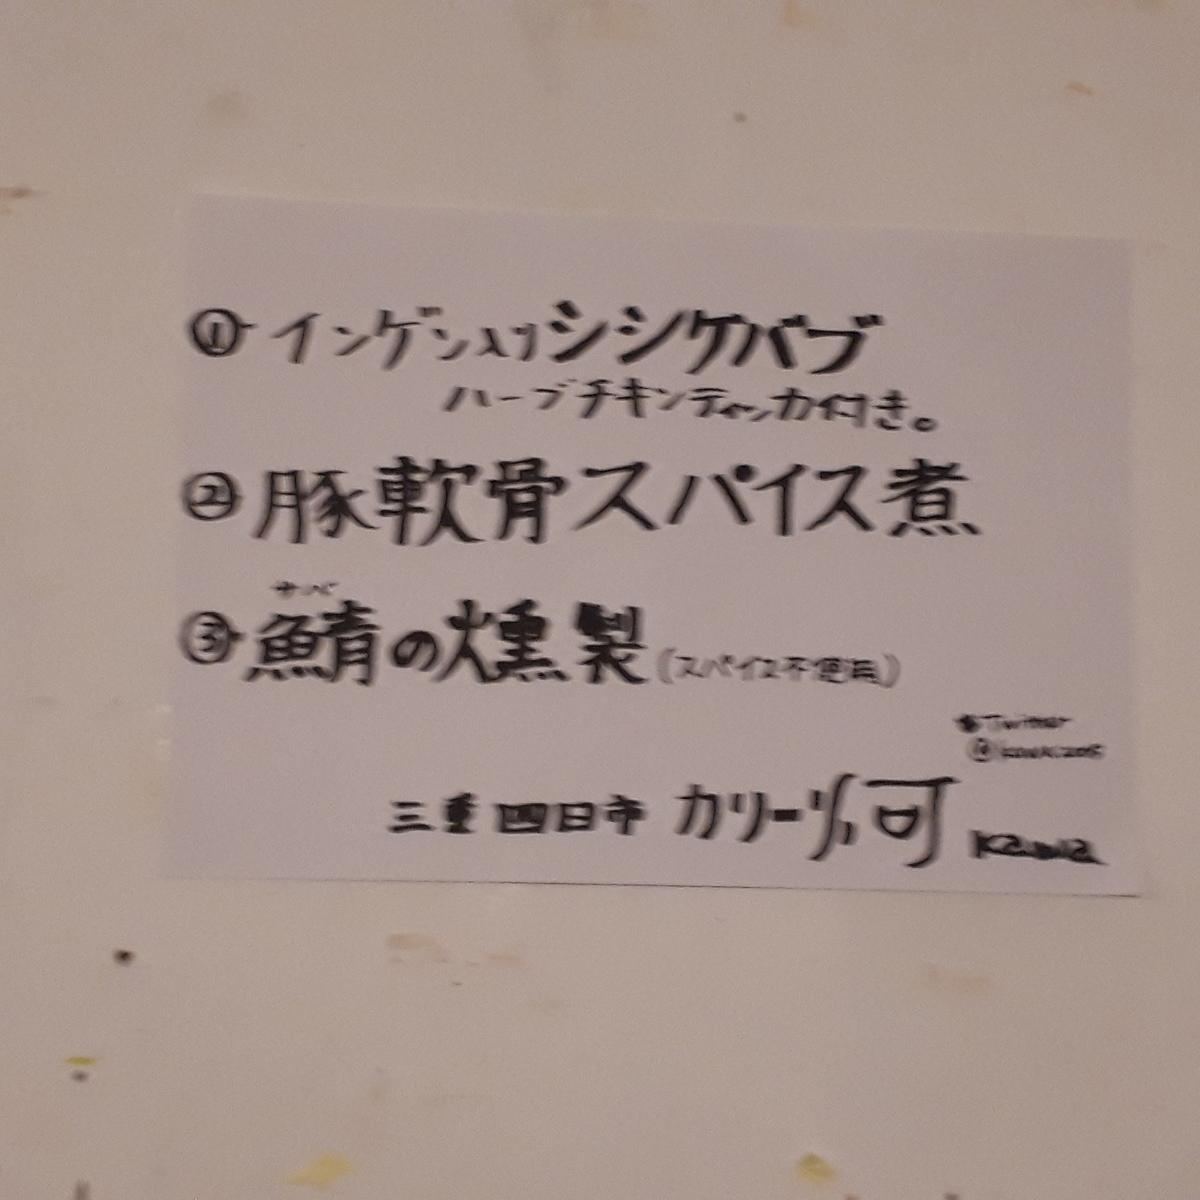 カレー事情聴取スパイス定食&バルVol.6 2019年7月21日 カリー河 メニュー